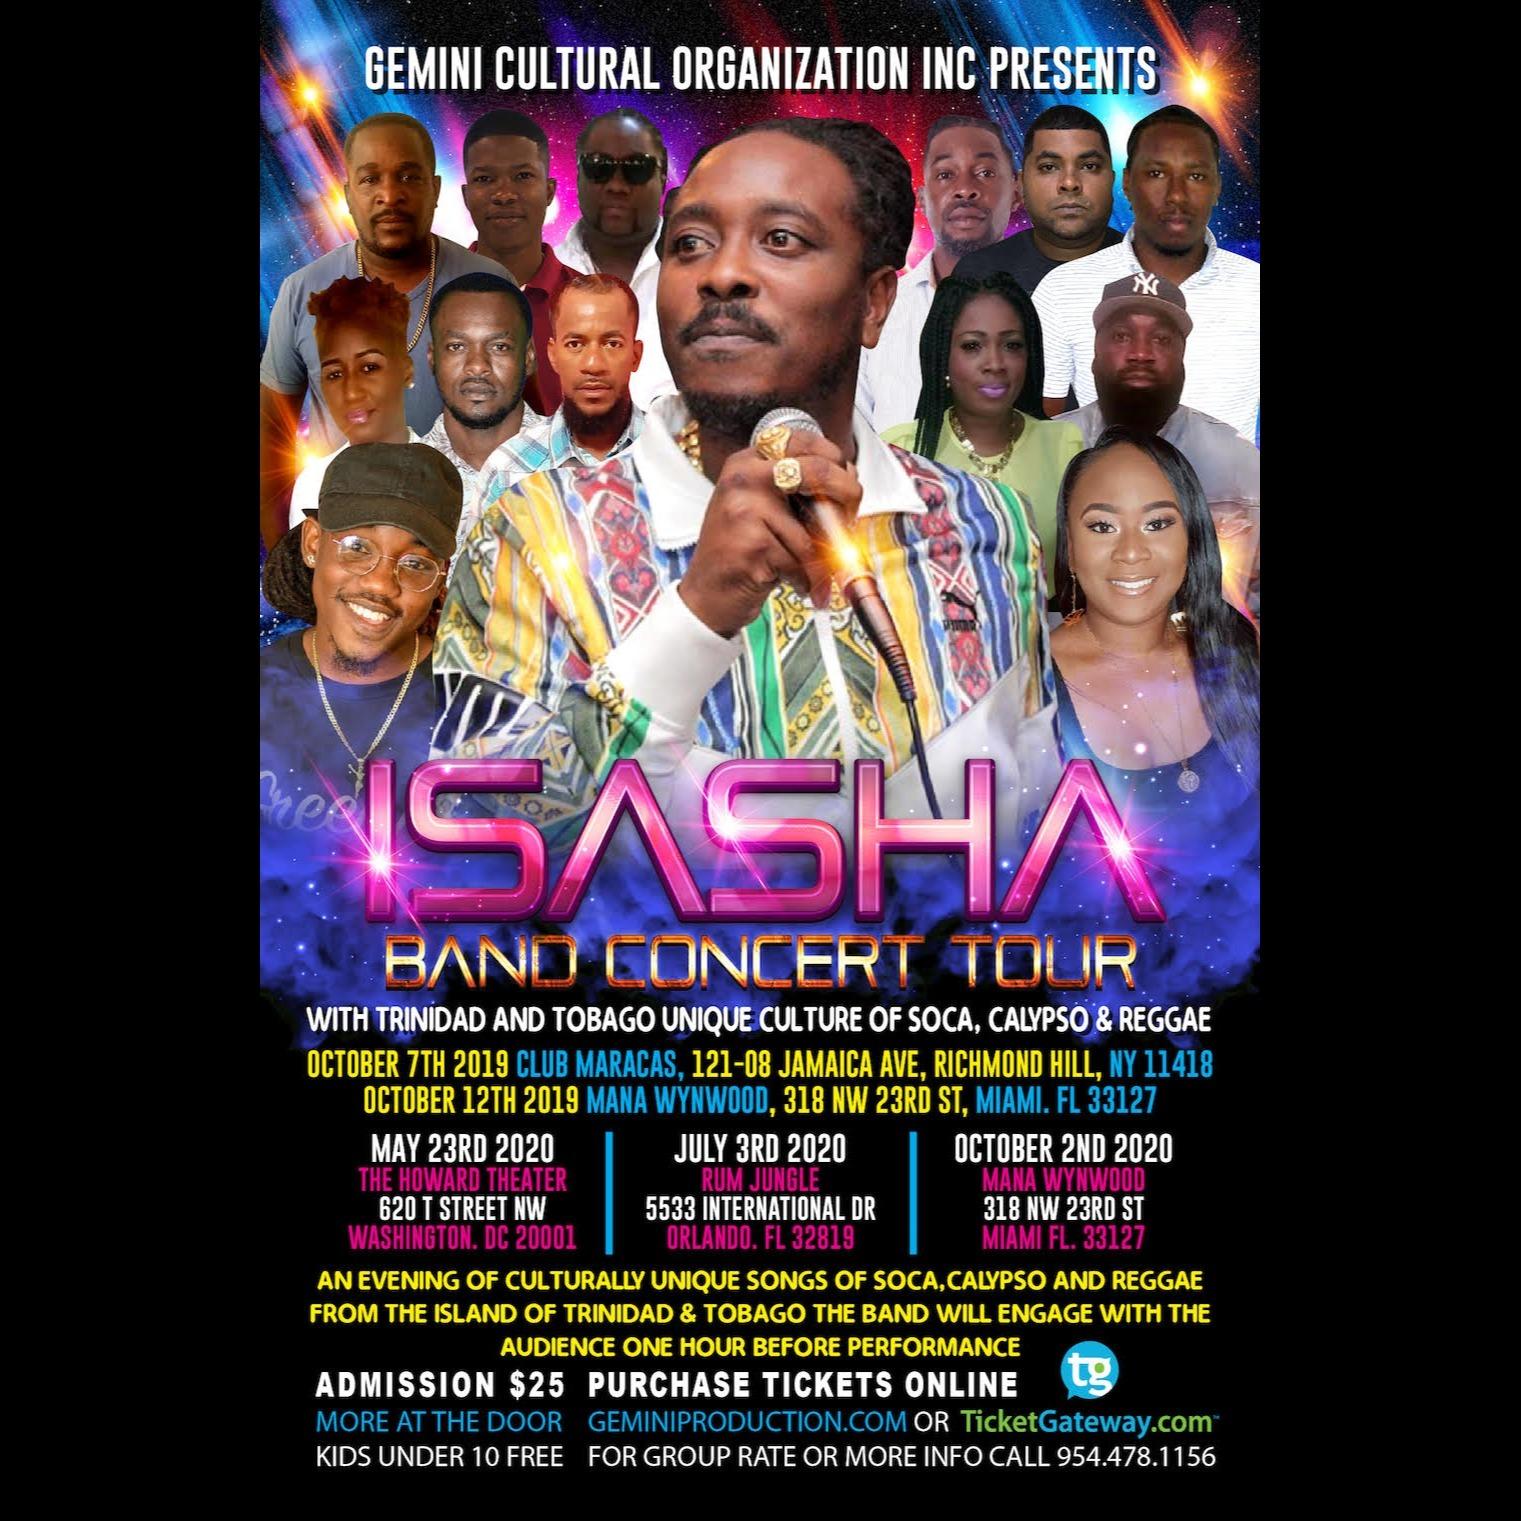 Isasha Band Concert Tour Orlando Fl 2020